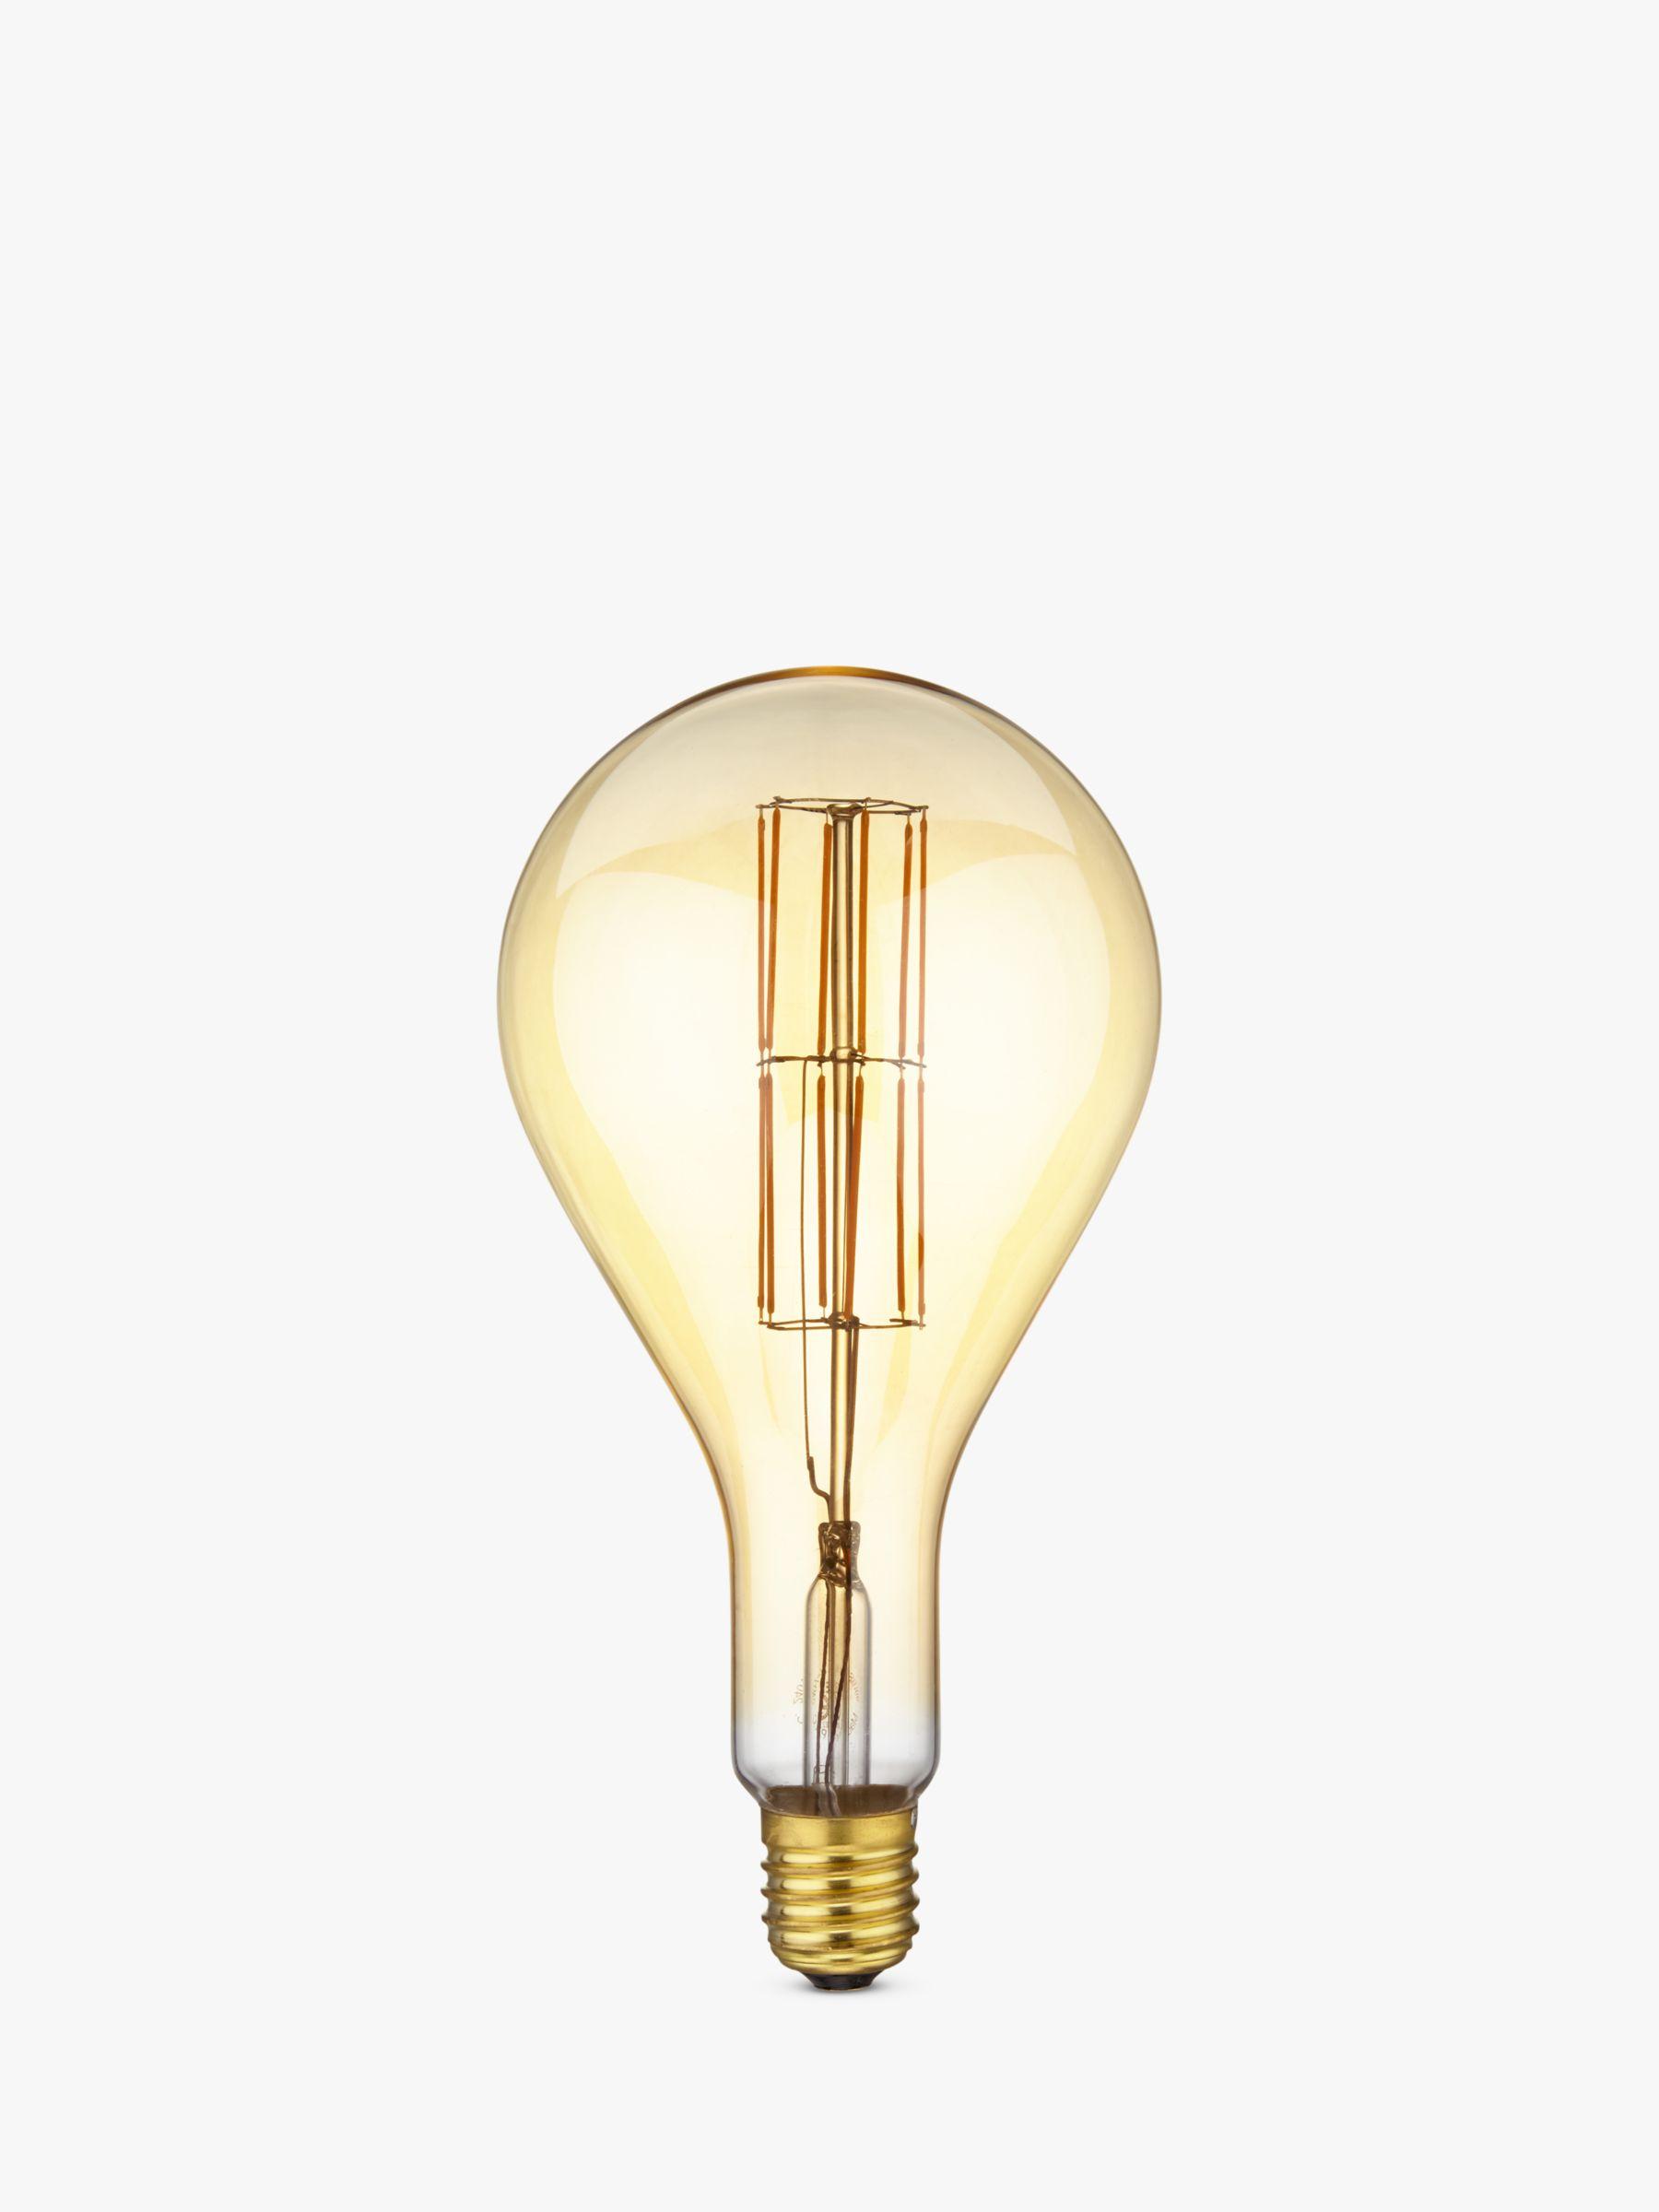 Calex Calex XXL E40 Dimmable Filament Splash Bulb, Gold